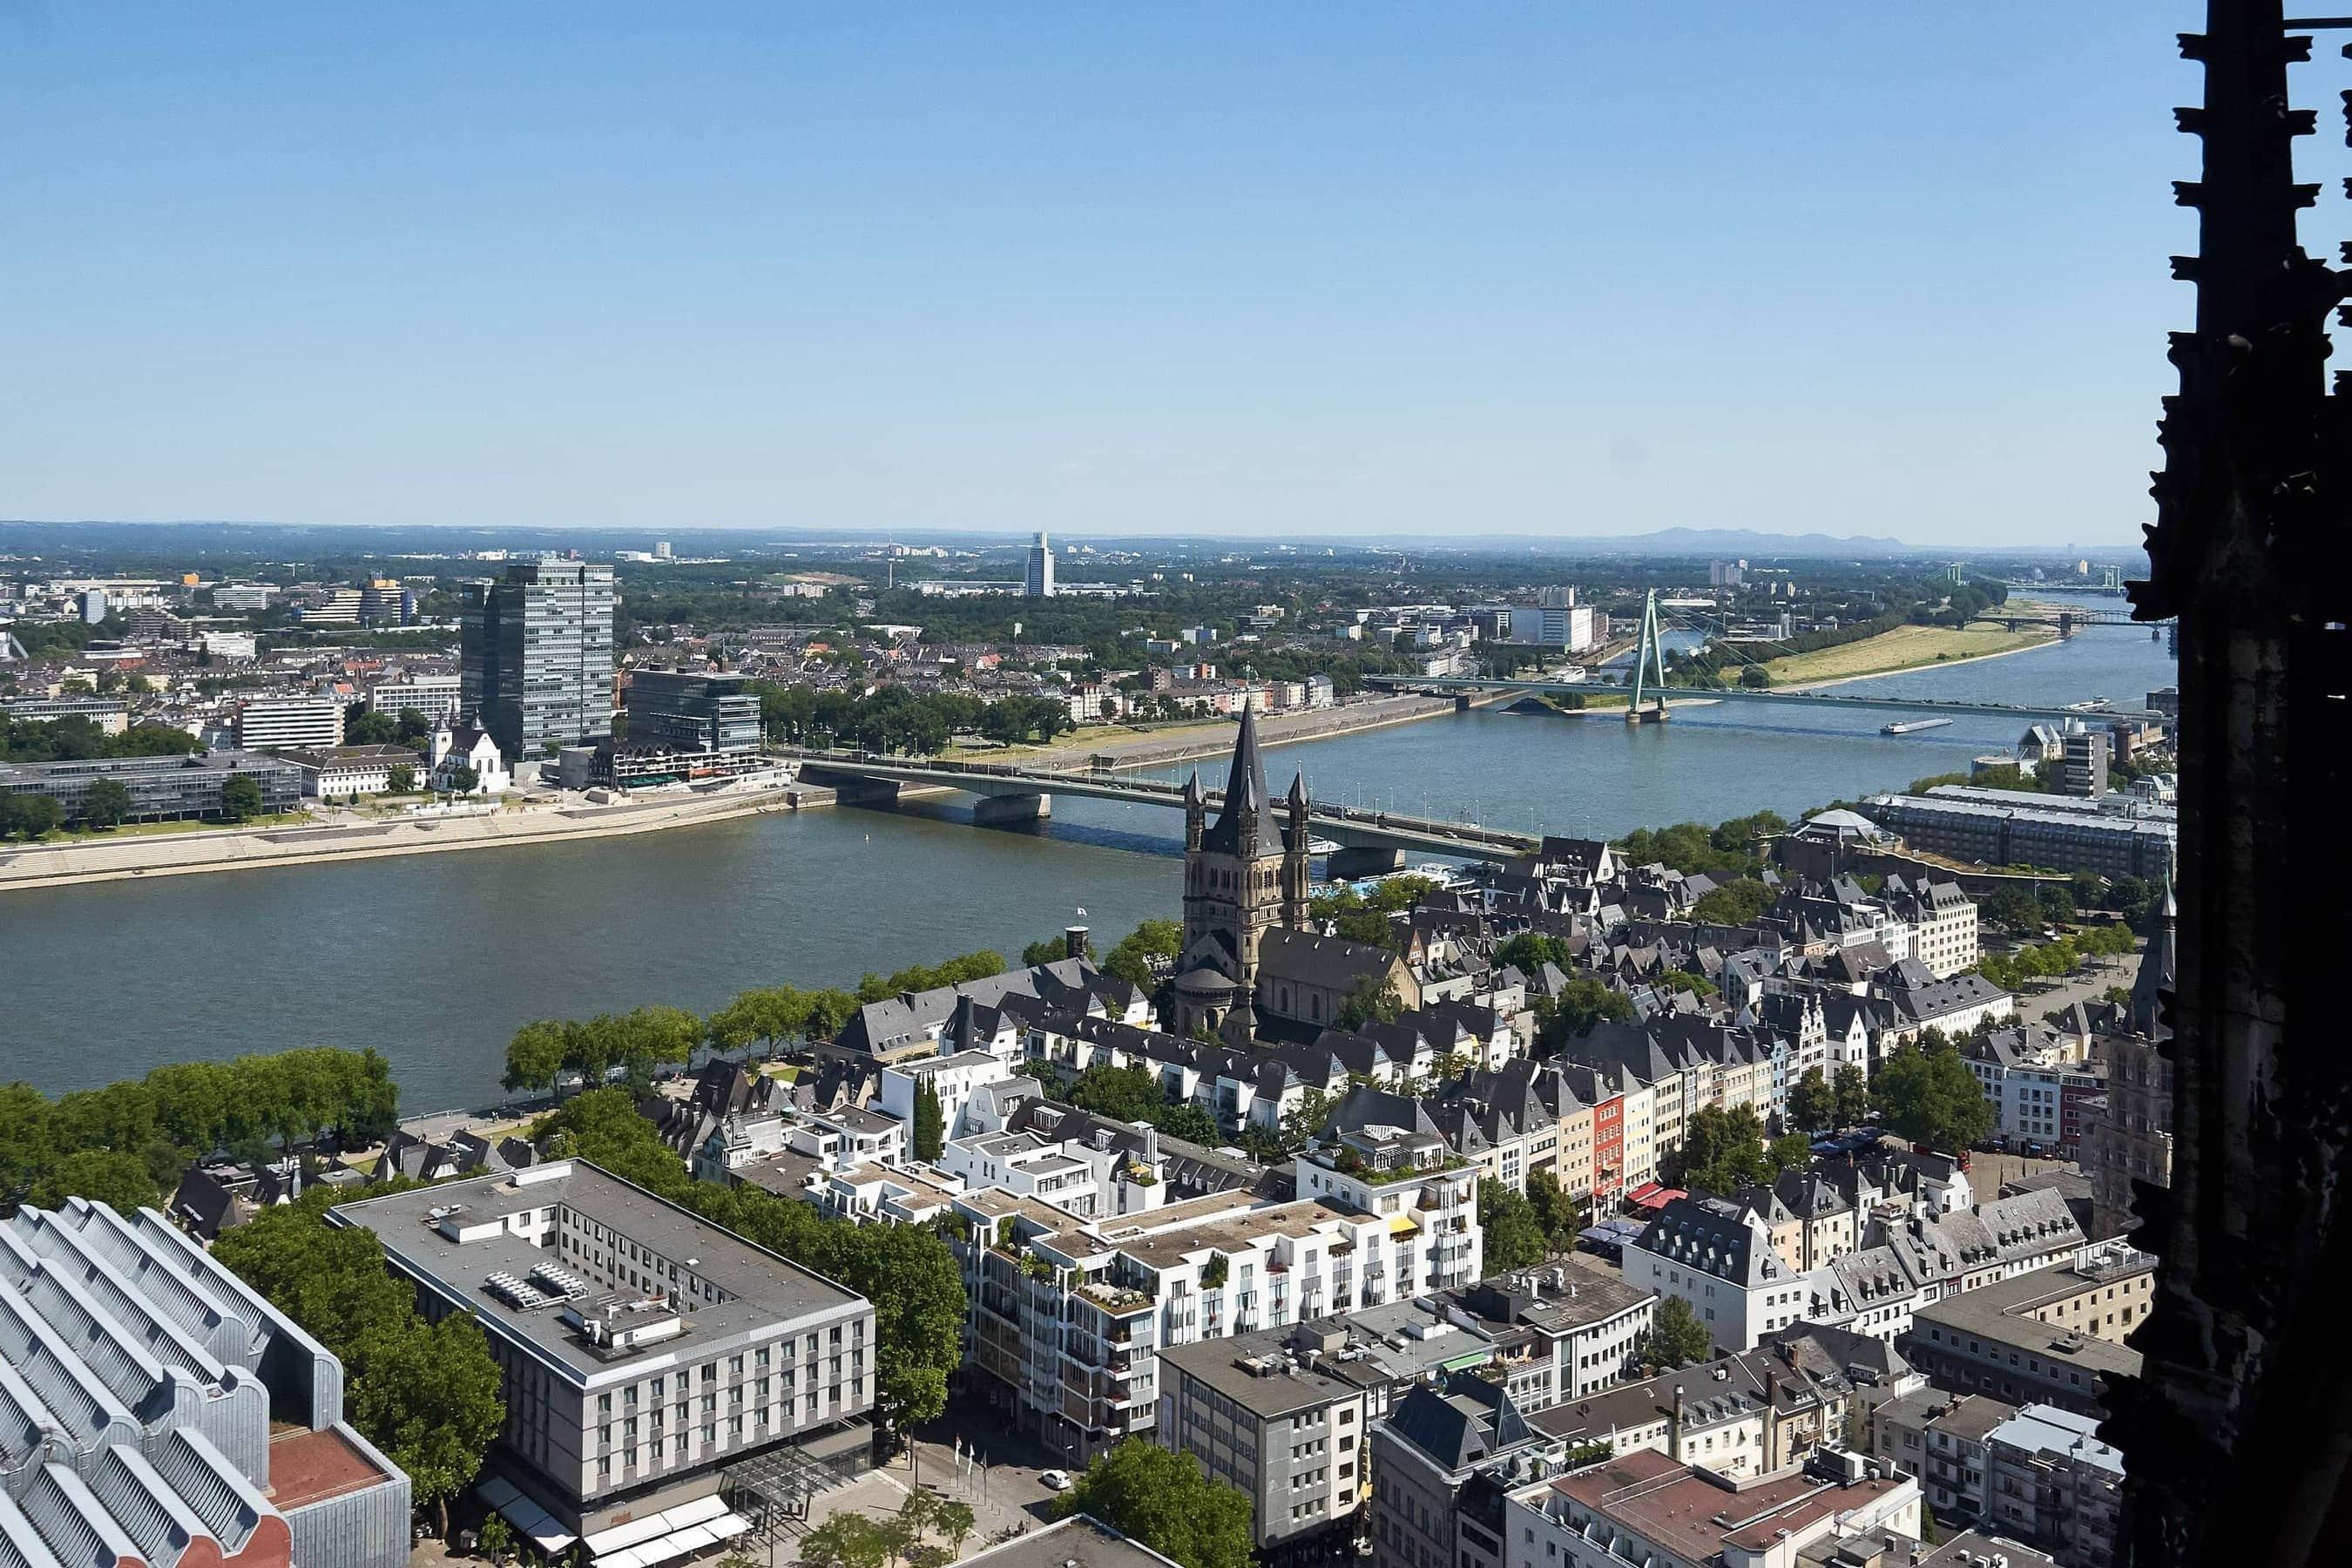 Ausblick vom Turm des Kölner Doms